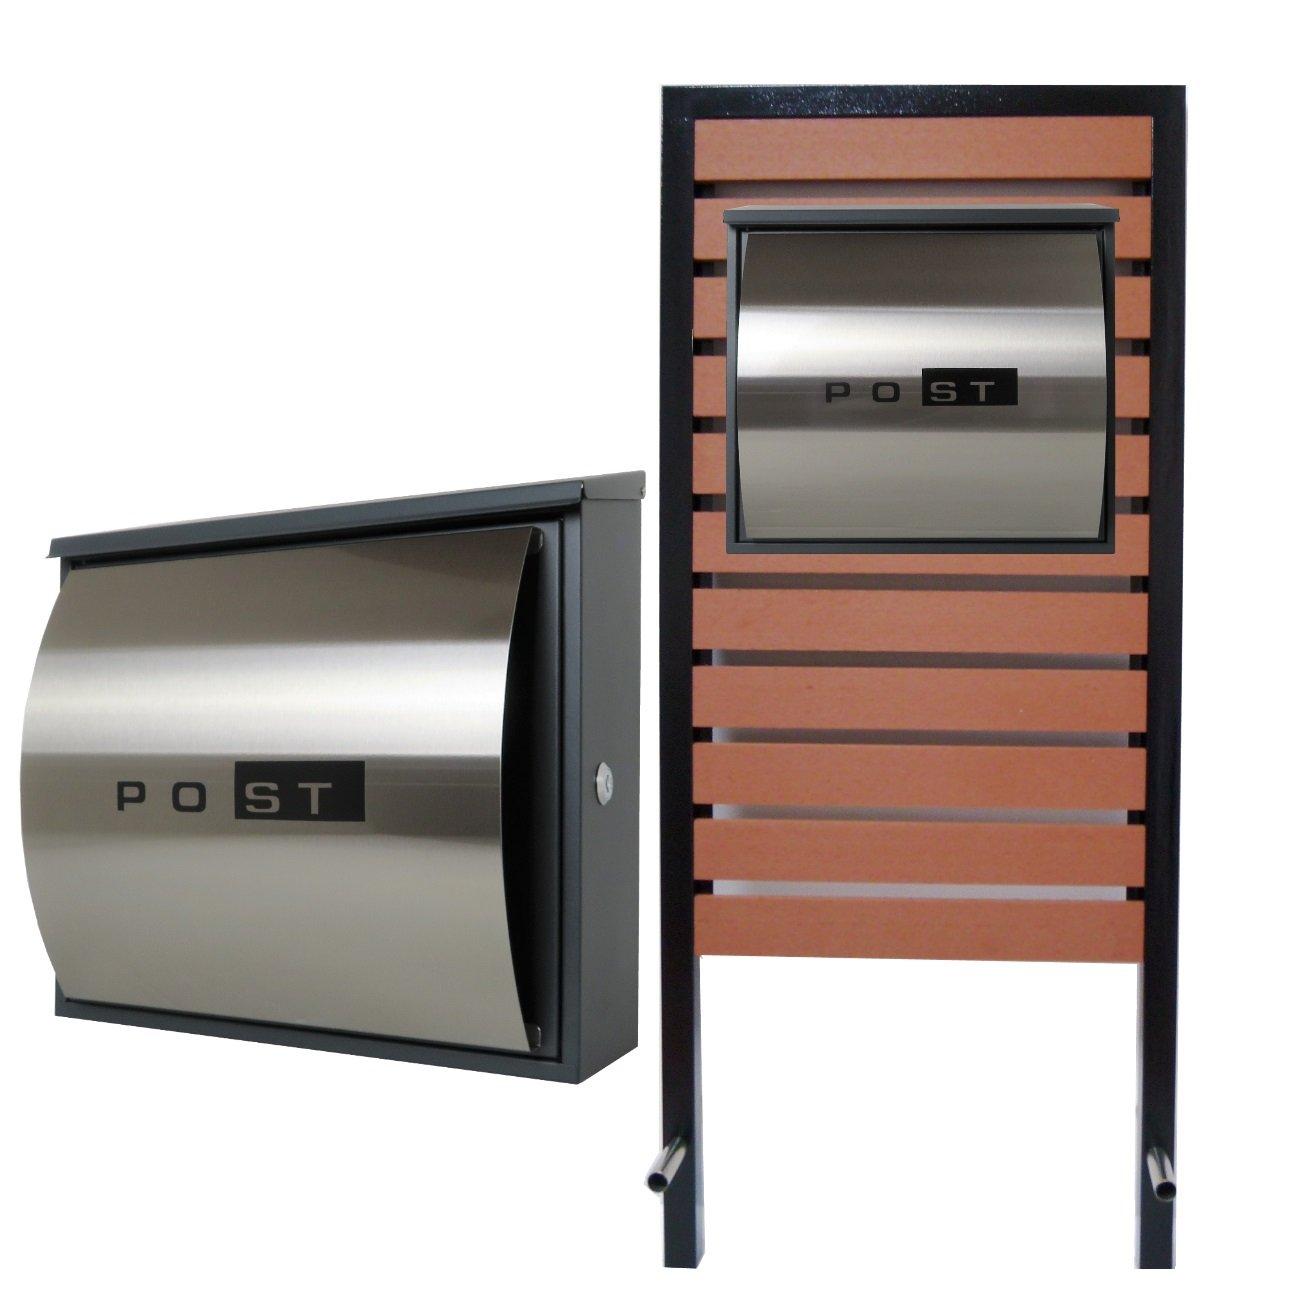 郵便ポスト スタンド付壁掛け鍵付きマグネット付きシルバーステンレス色 pm18s-pm361 B078JQSJ7S 24880